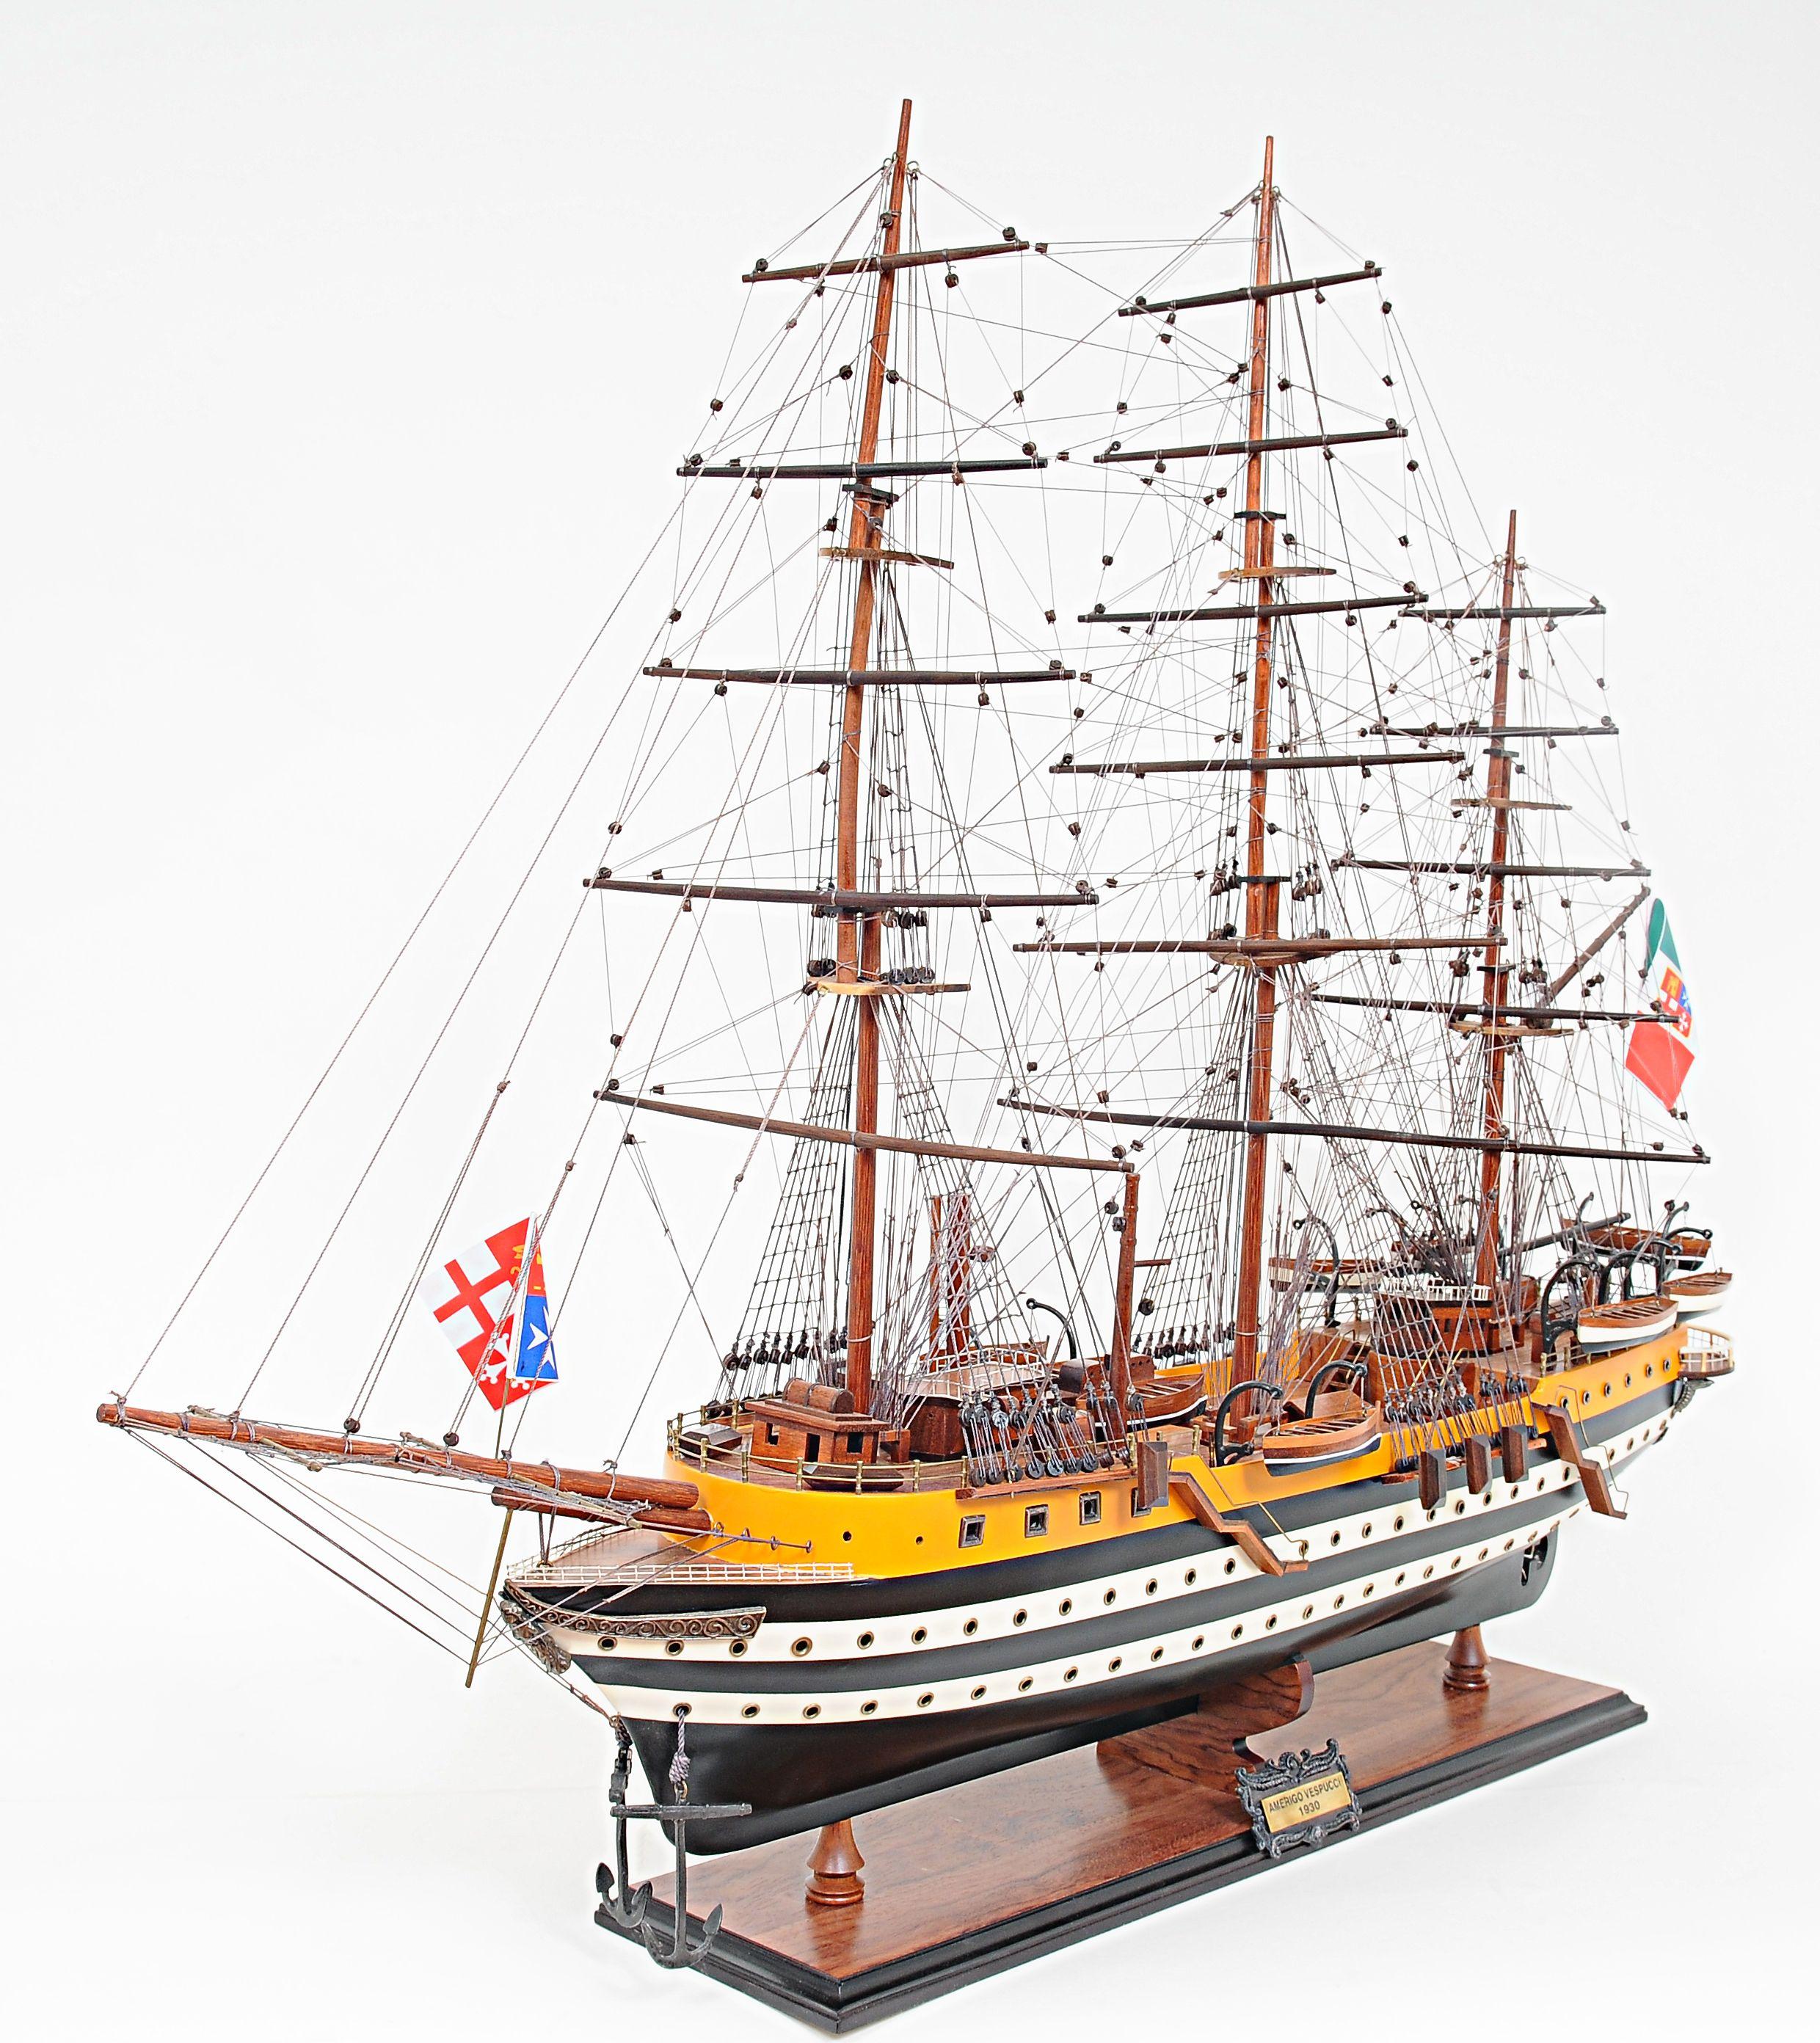 2265-13023-Amerigo-Vespucci-Model-Boat